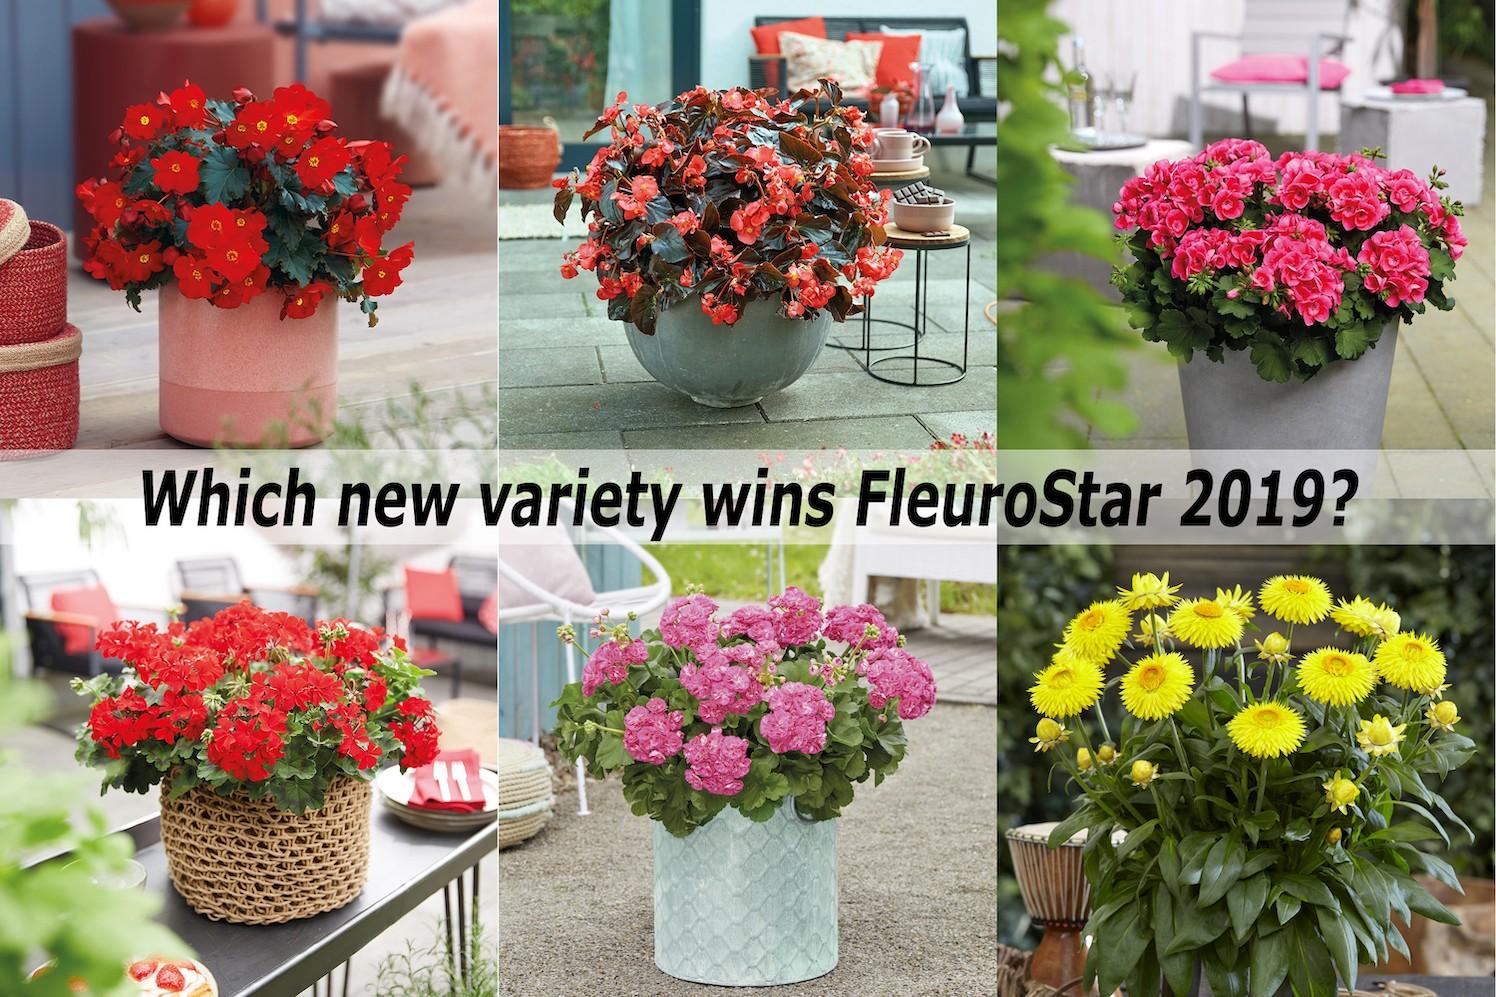 6 tuinplanten strijden om FleuroStar titel